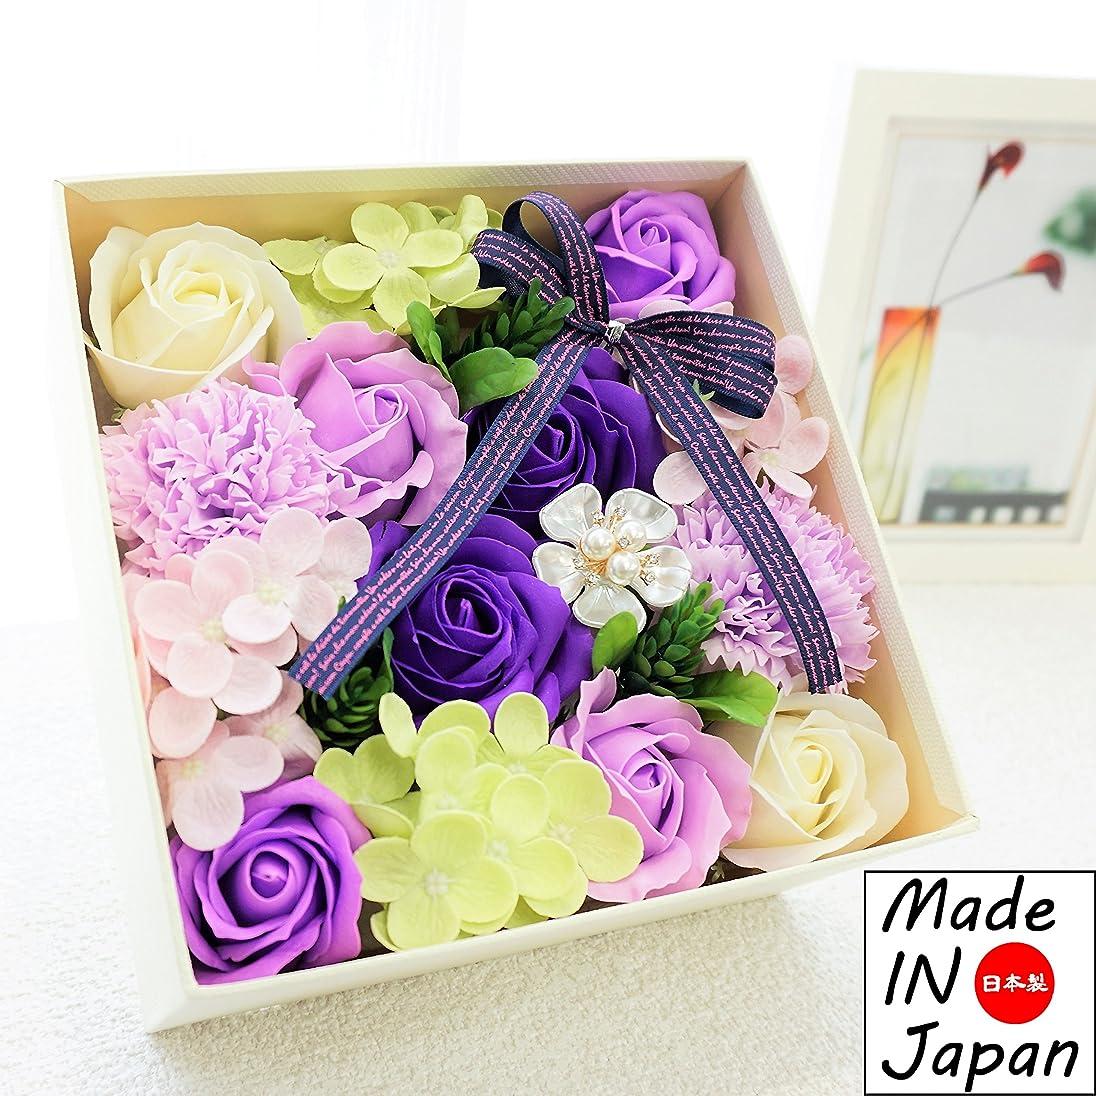 謙虚な学ぶ受信機Made in japan BIOフレグランスソープフラワー 窓付きスクエアボックスL 日本デザイン お祝い 記念日 お見舞い ホワイトデー 母の日 父の日 (パープル)